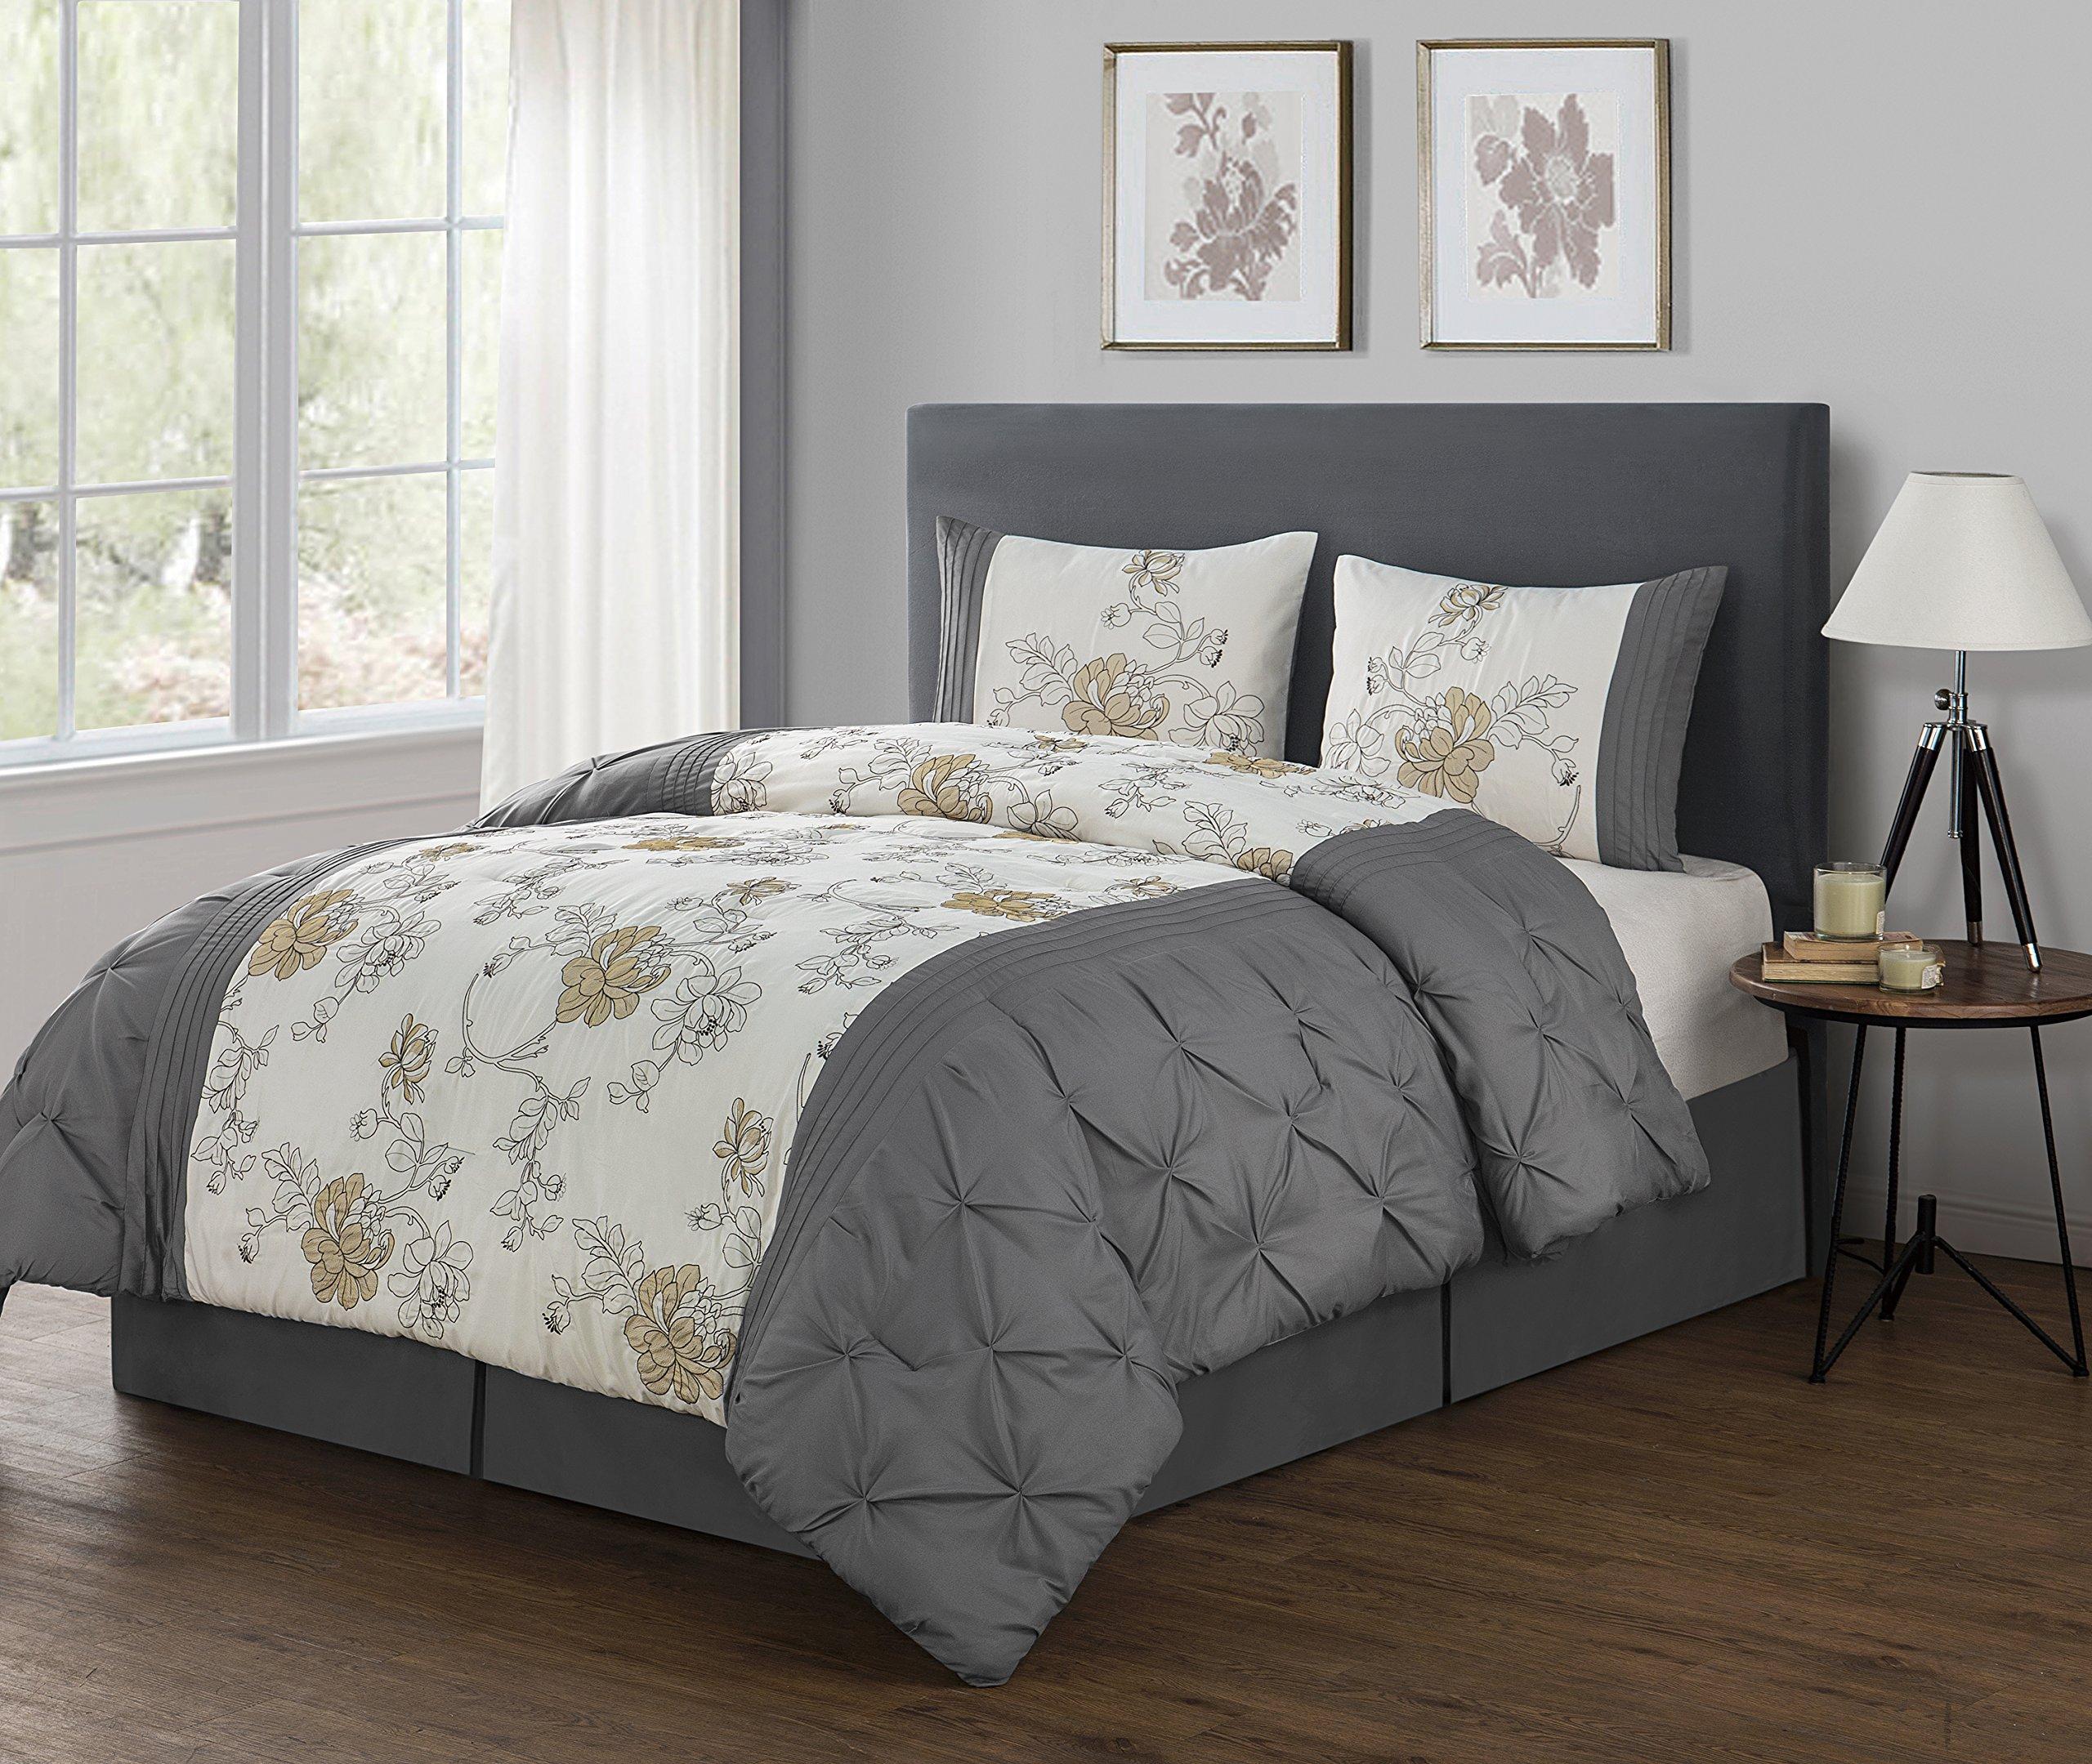 VCNY Home King Size Comforter Set in Grey Elegant Floral 4 Pc Set w/2 Shams, Bedskirt